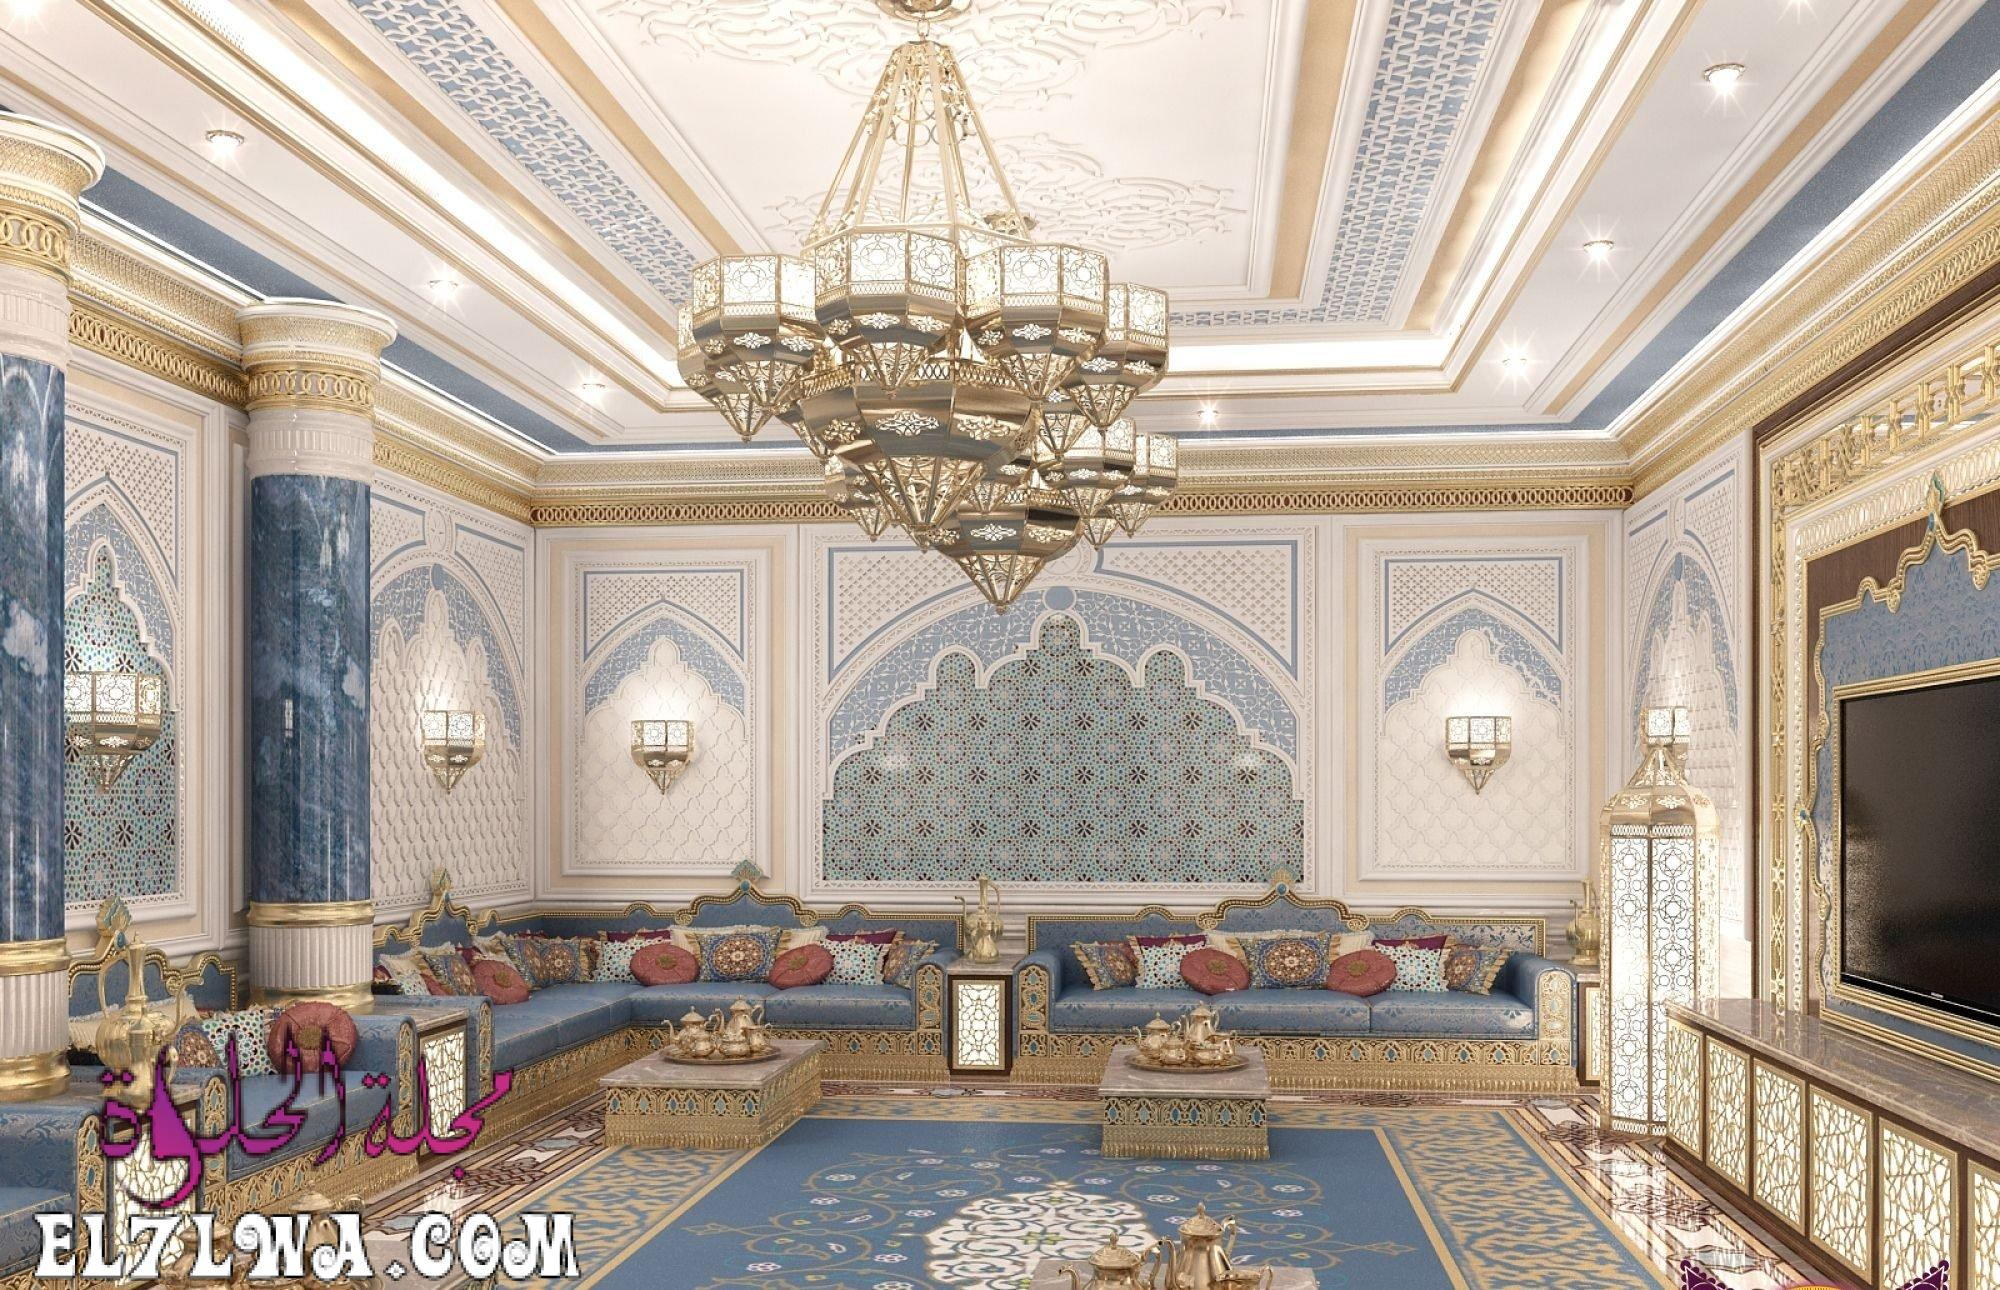 تصميم مجالس رجال مغربية